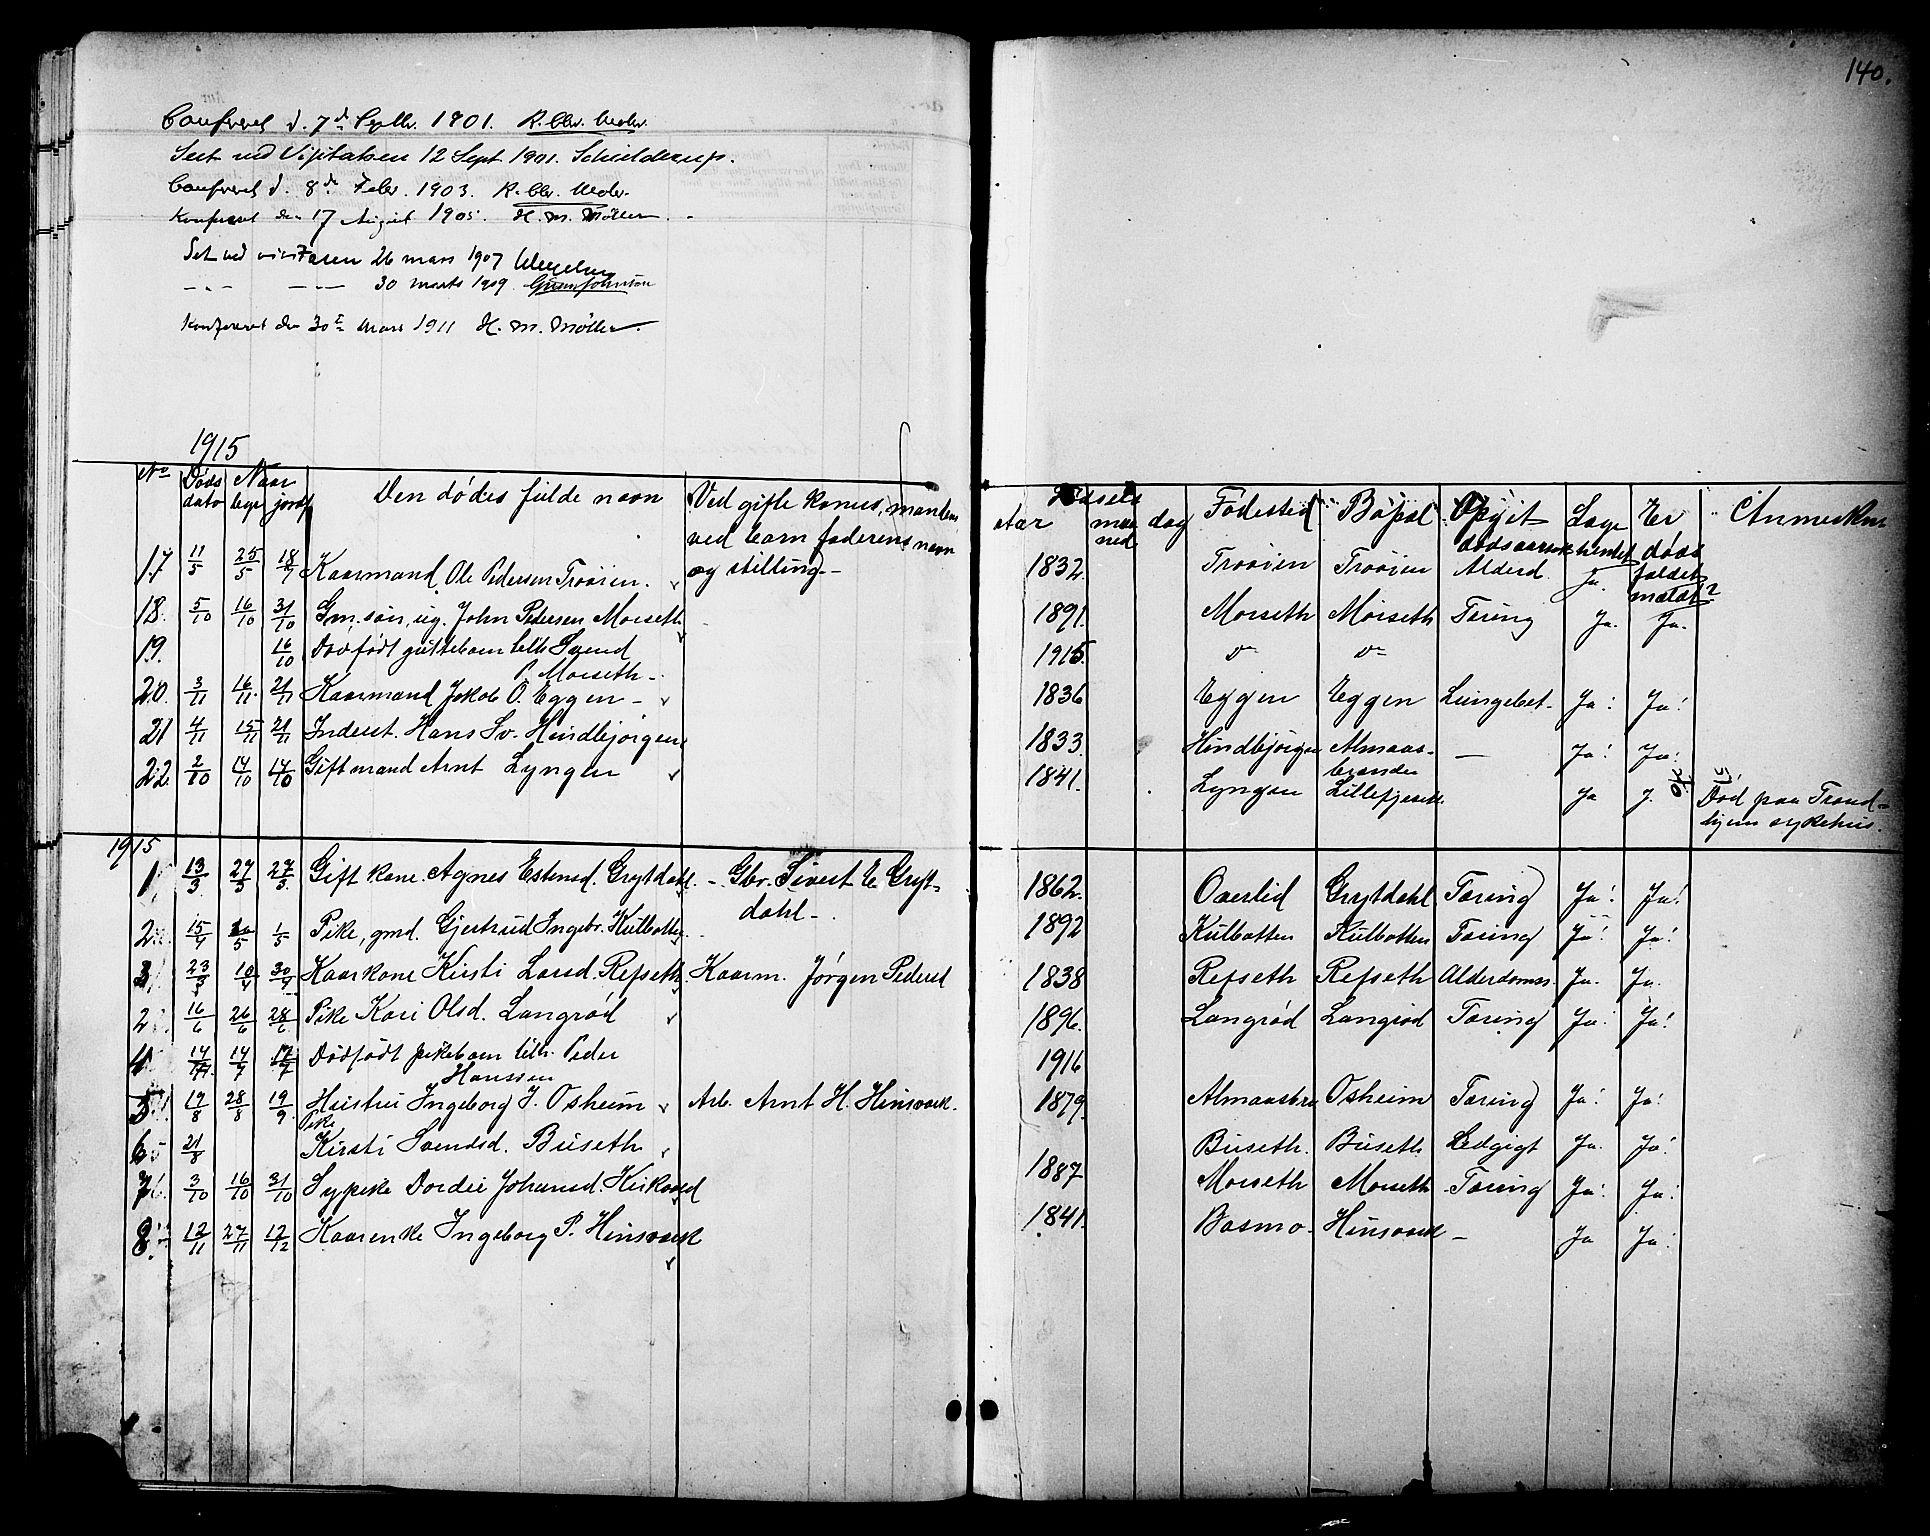 SAT, Ministerialprotokoller, klokkerbøker og fødselsregistre - Sør-Trøndelag, 688/L1029: Klokkerbok nr. 688C04, 1899-1915, s. 140